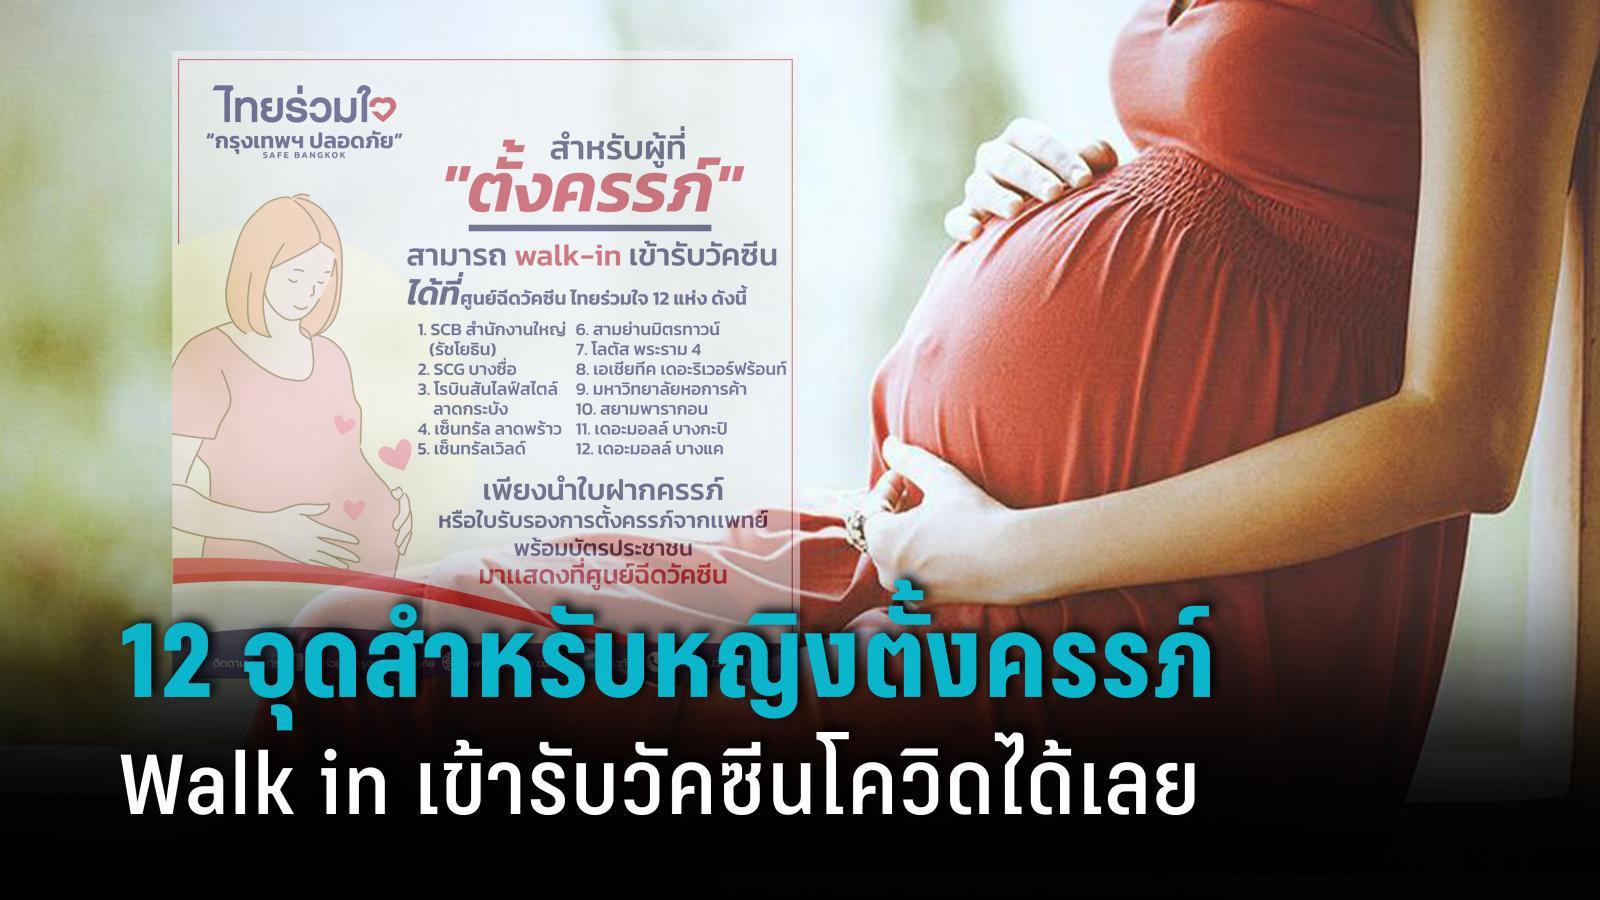 """""""ไทยร่วมใจ"""" เปิด 12 จุดฉีดวัคซีนสำหรับหญิงตั้งครรภ์ Walk-in ได้เลย"""